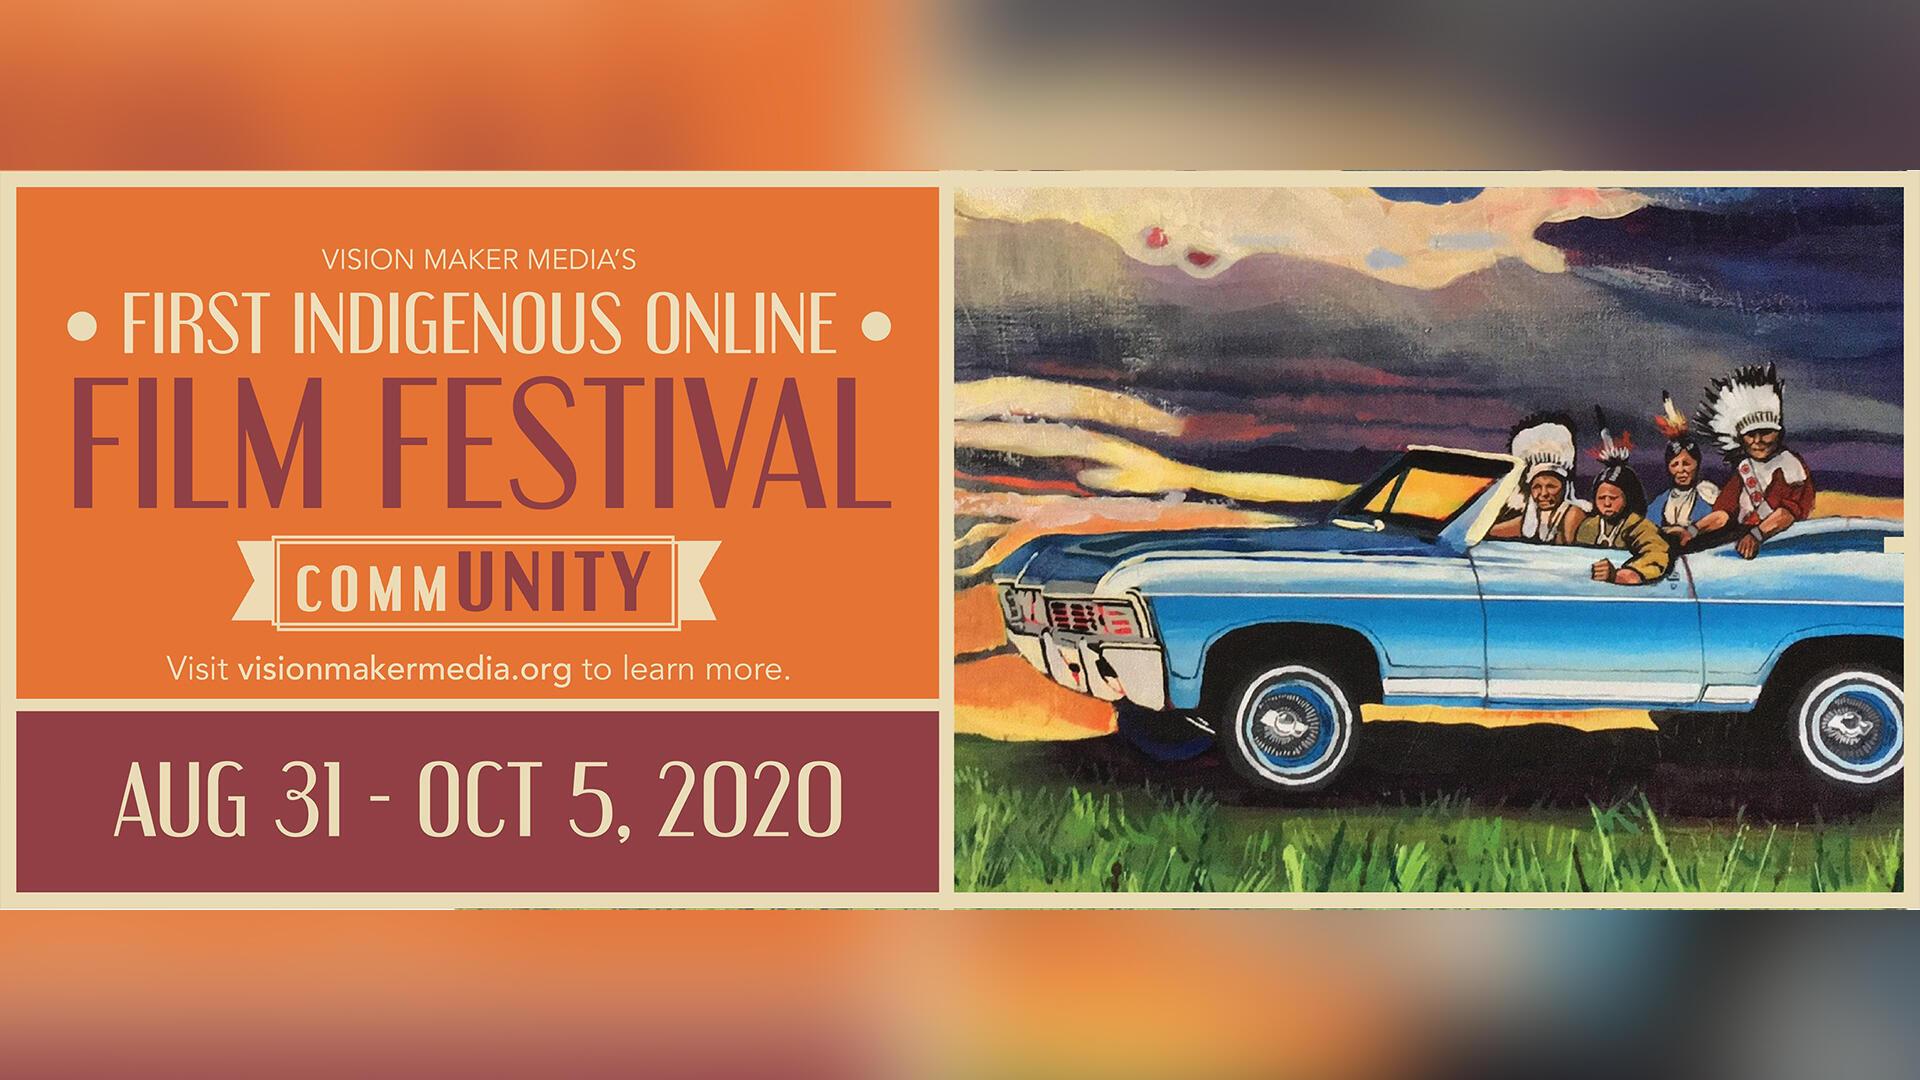 Le festival se tient du 31 août au 5 octobre 2020.